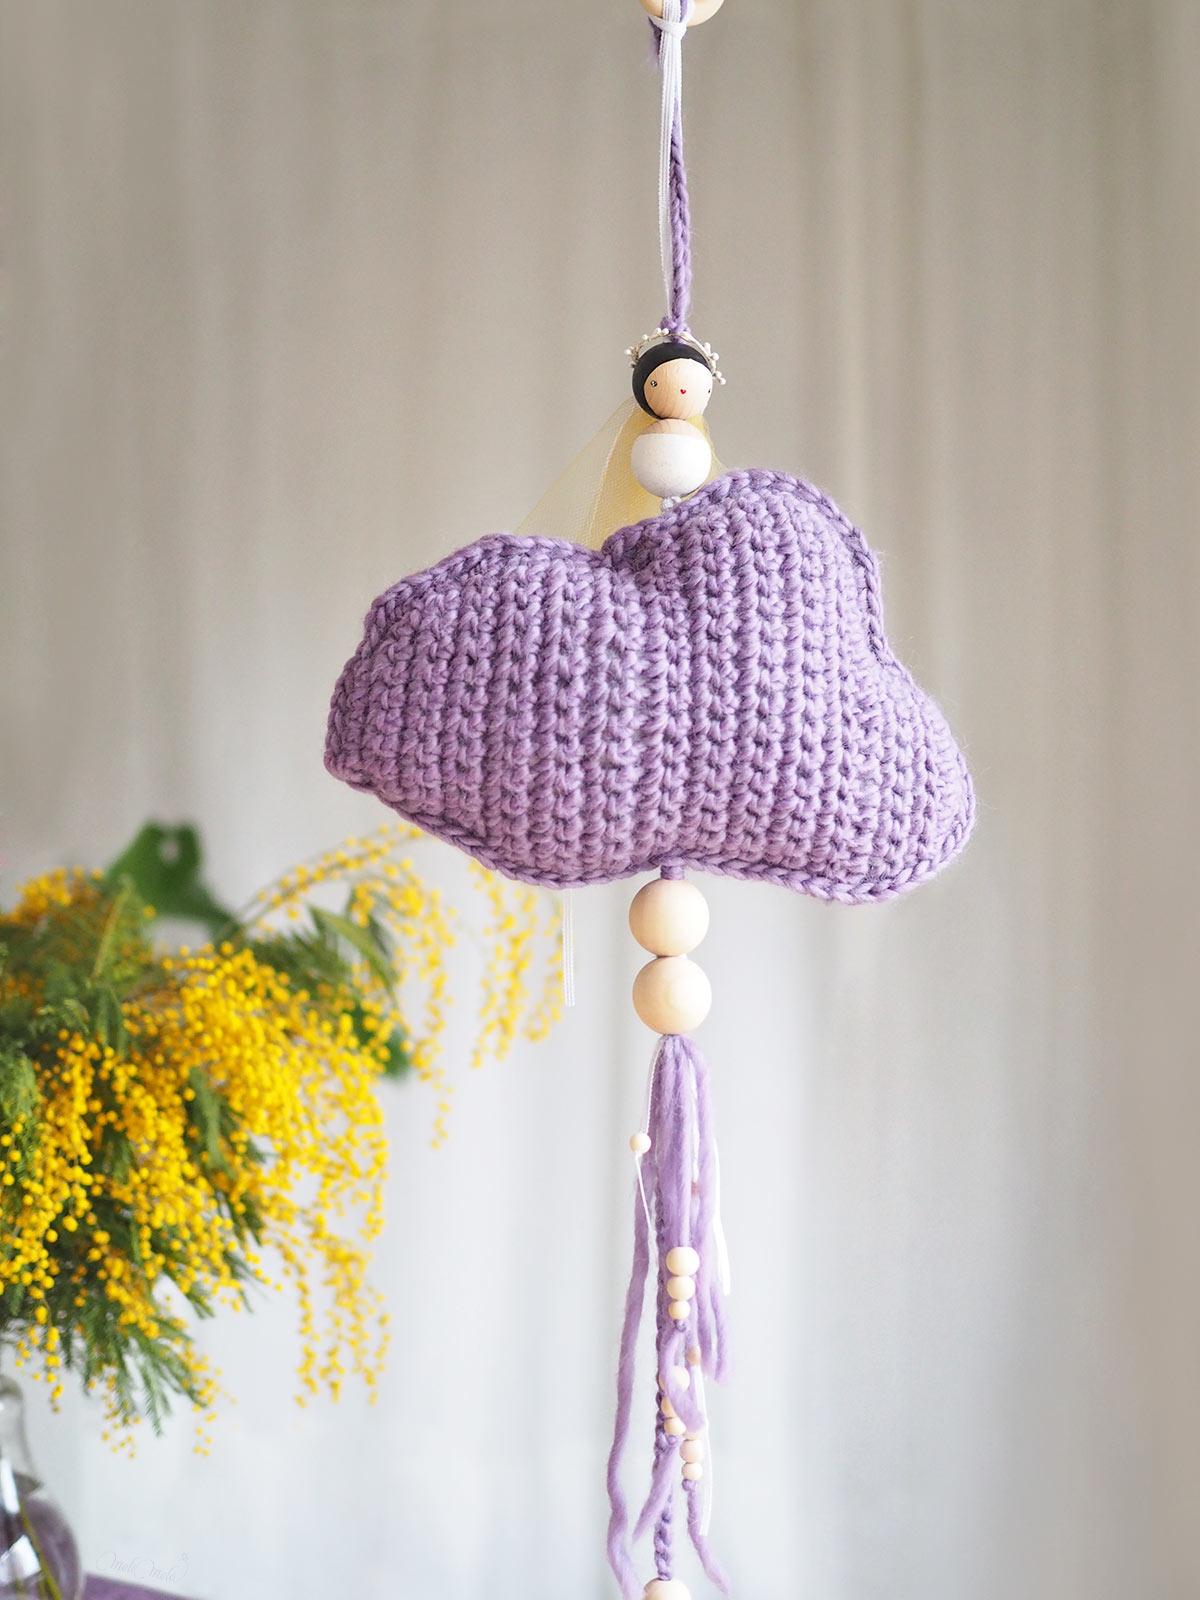 cadeau naissance ange nuage mauve décoration crochet PoiS PlumeS laboutiquedemelimelo